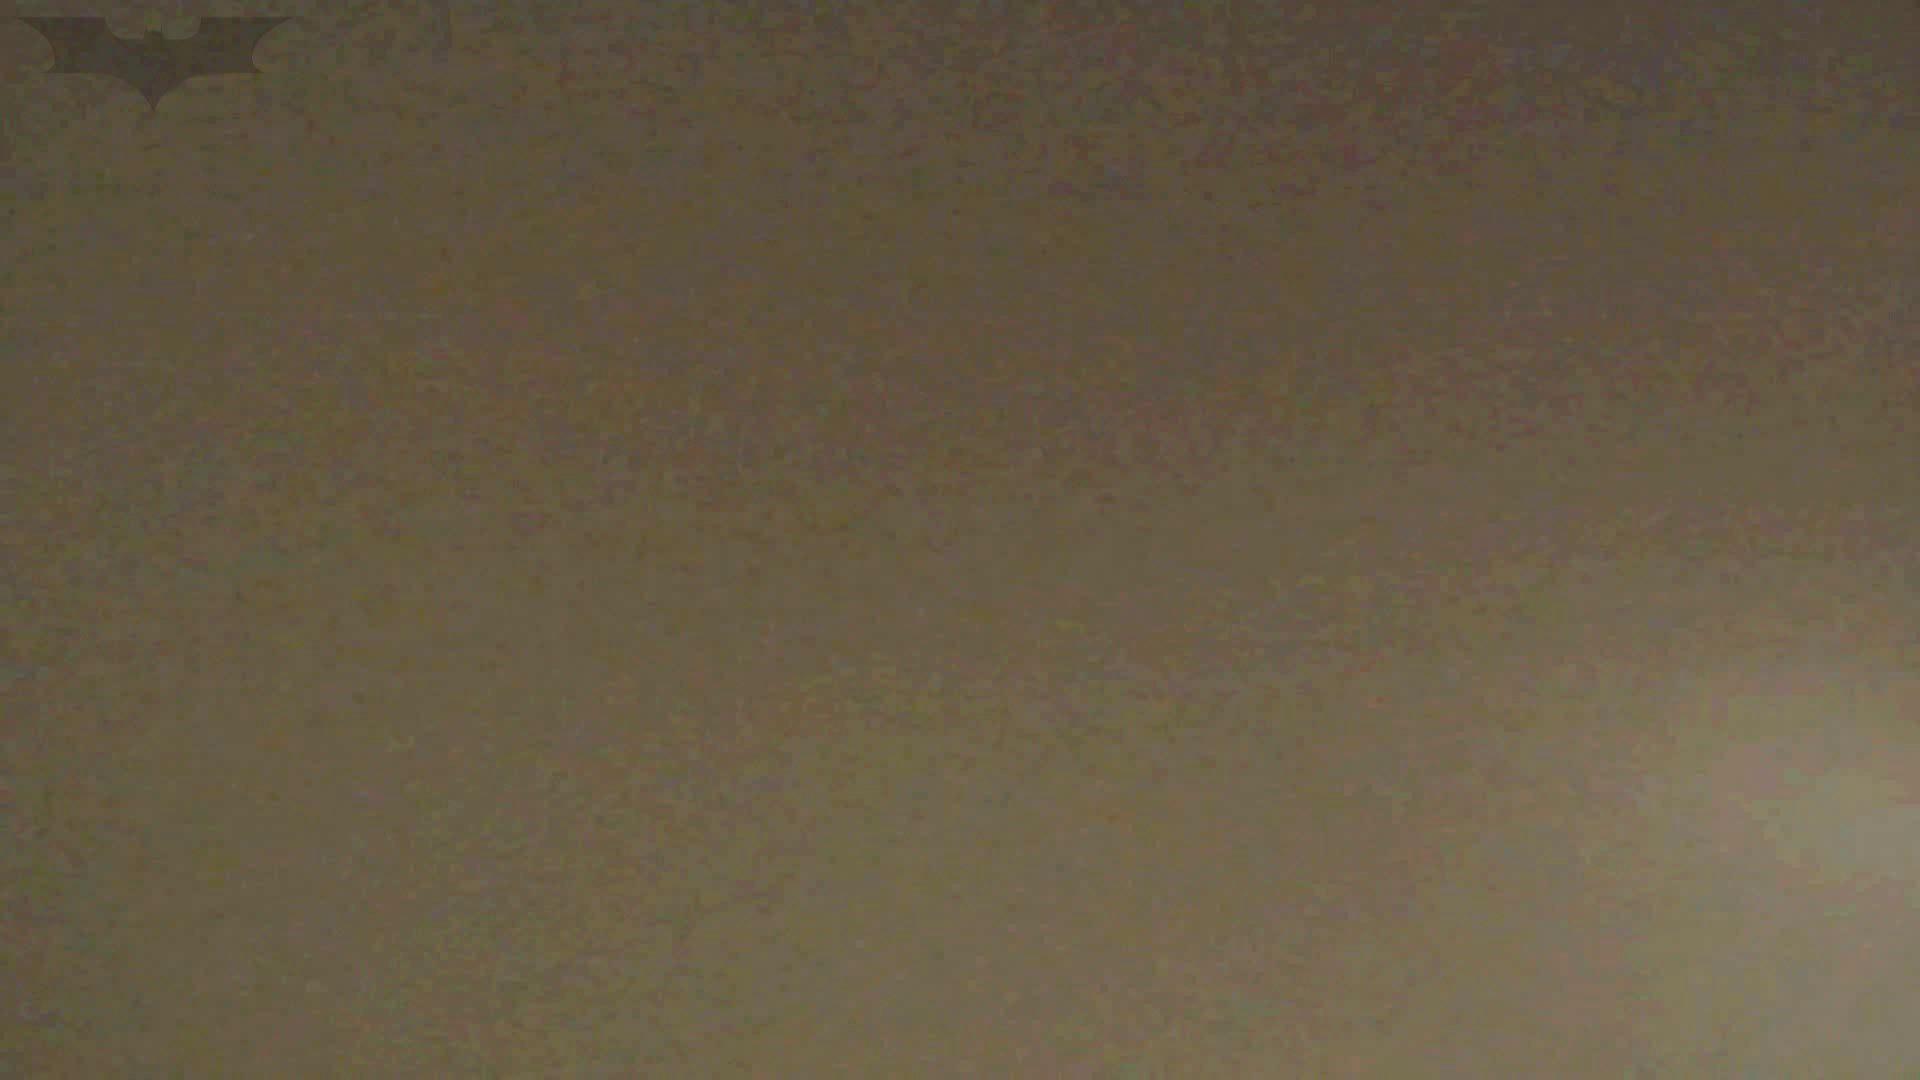 無修正おまんこ動画|ステーション編 vol.28 無料動画に登場したモデルつい本番登場!!|怪盗ジョーカー